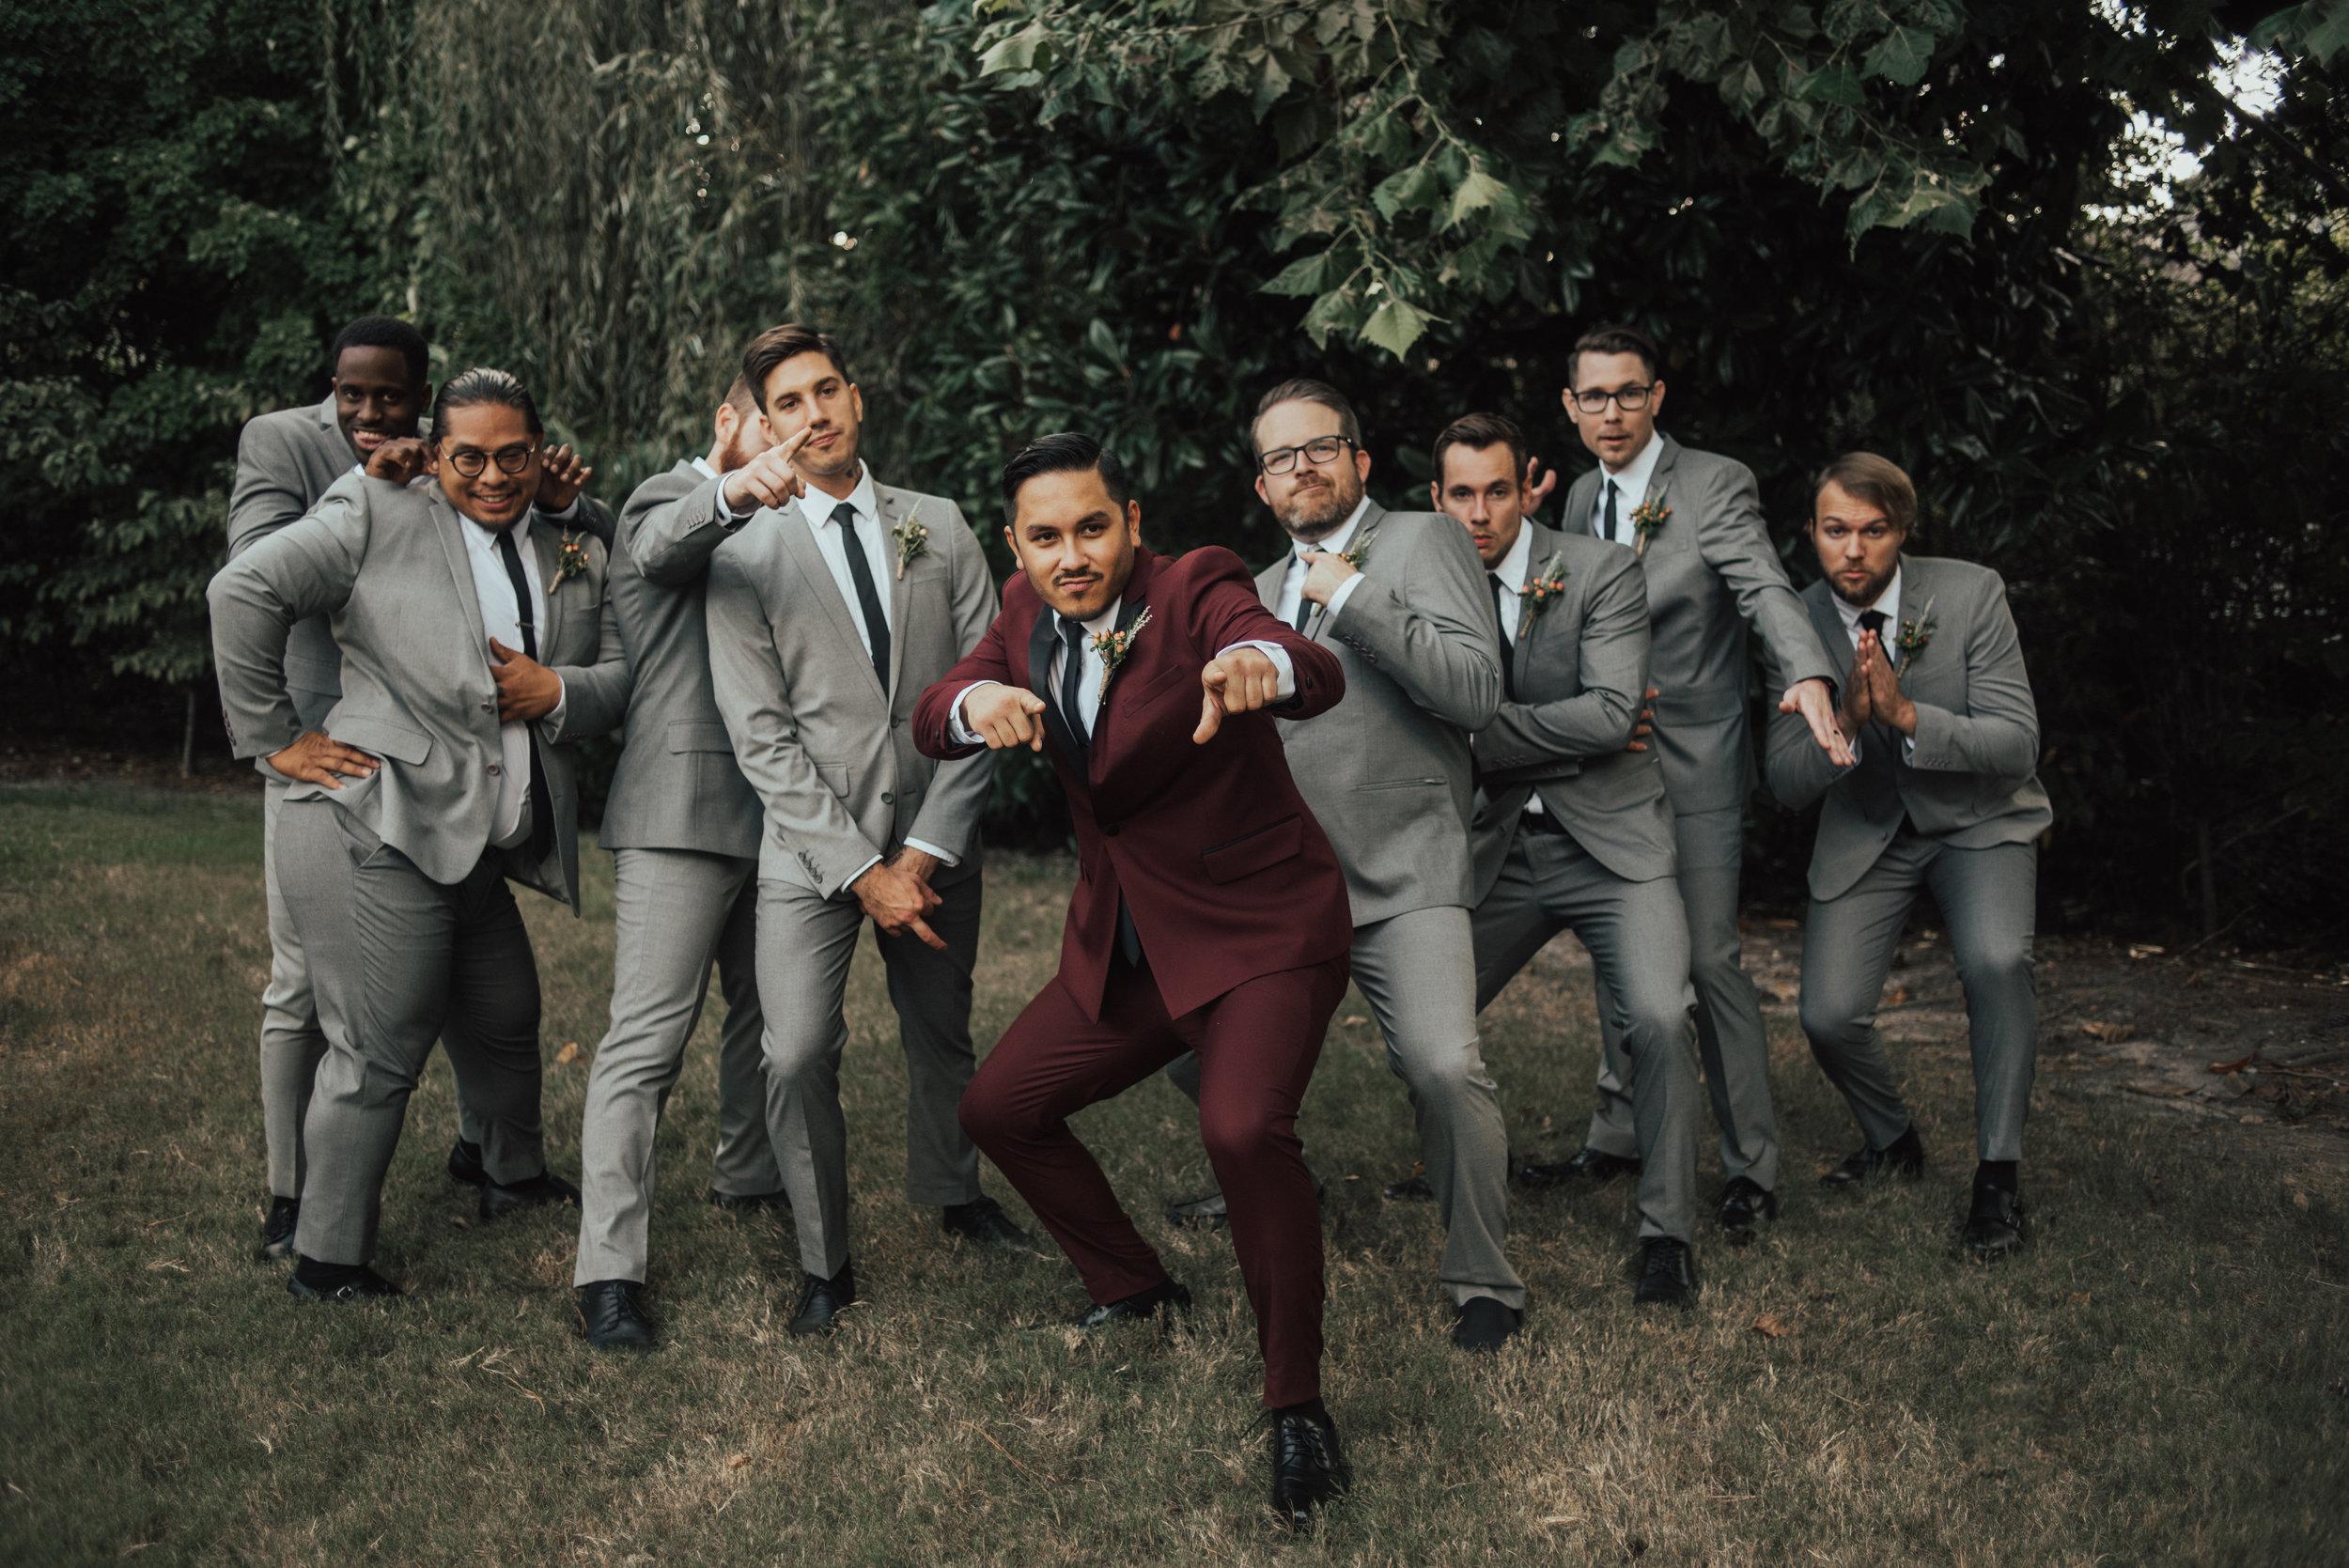 Portsmouth Women's Club Fall Wedding by SB Photographs_-71.jpg